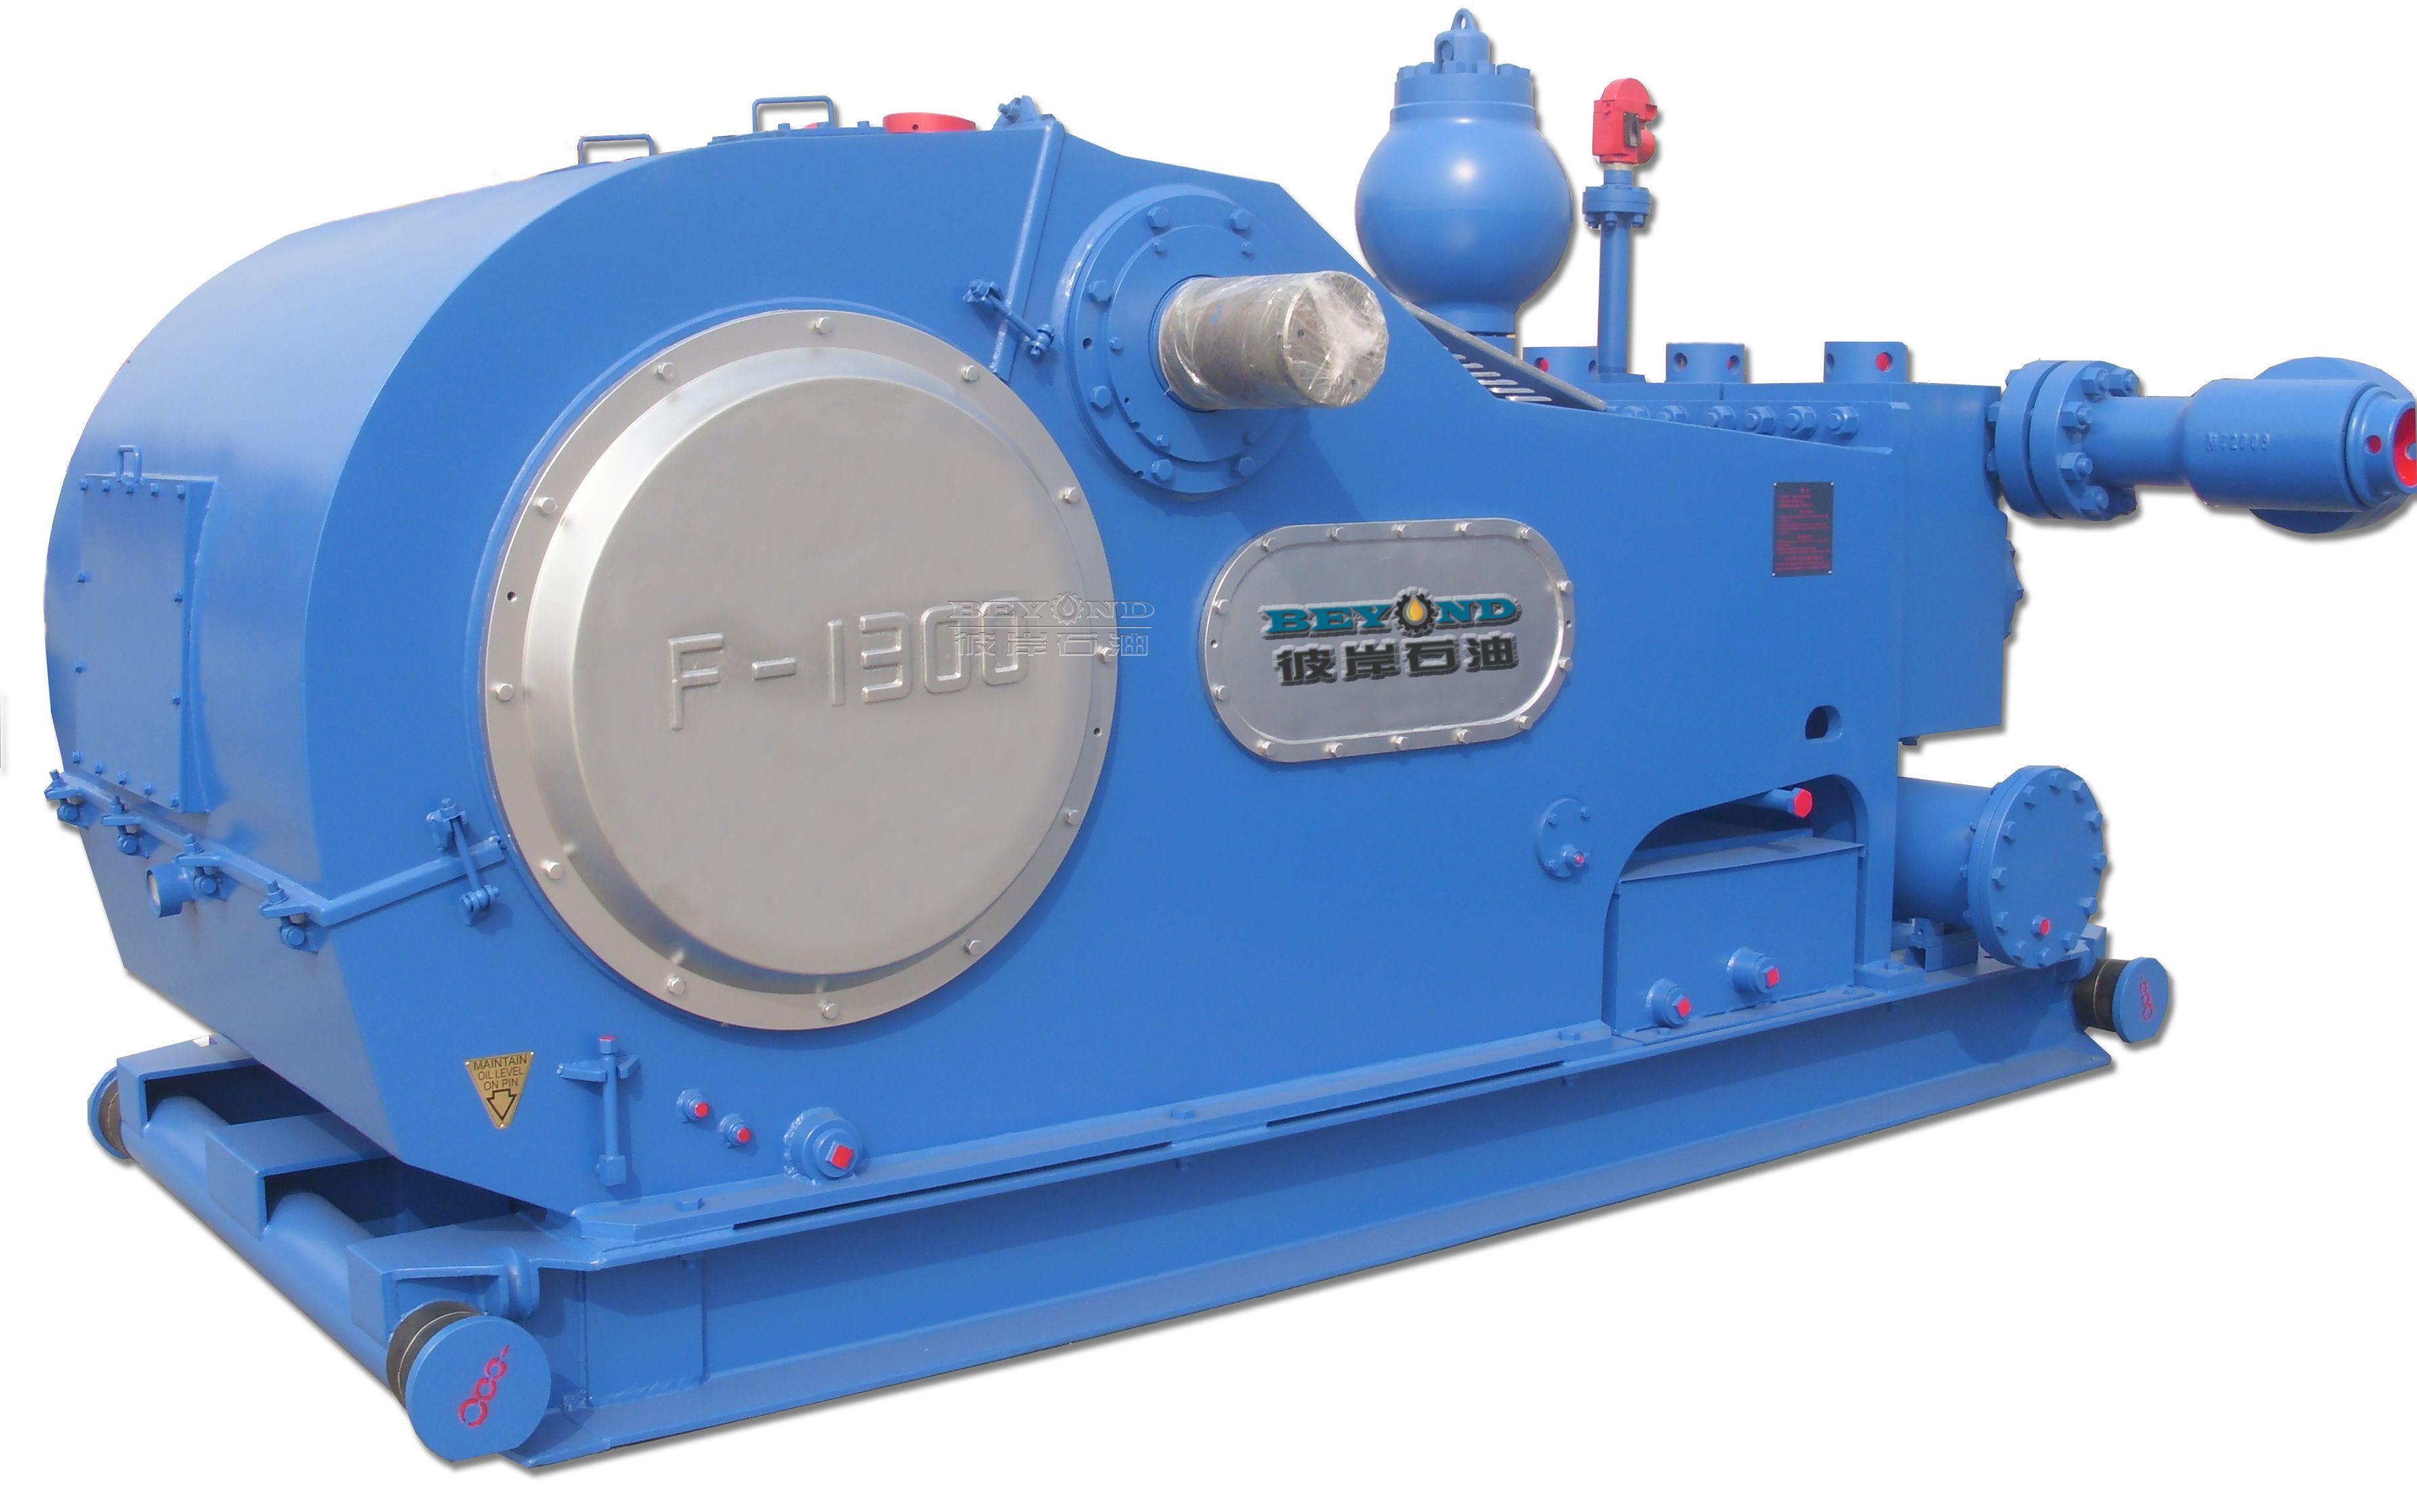 F-1300泥浆泵